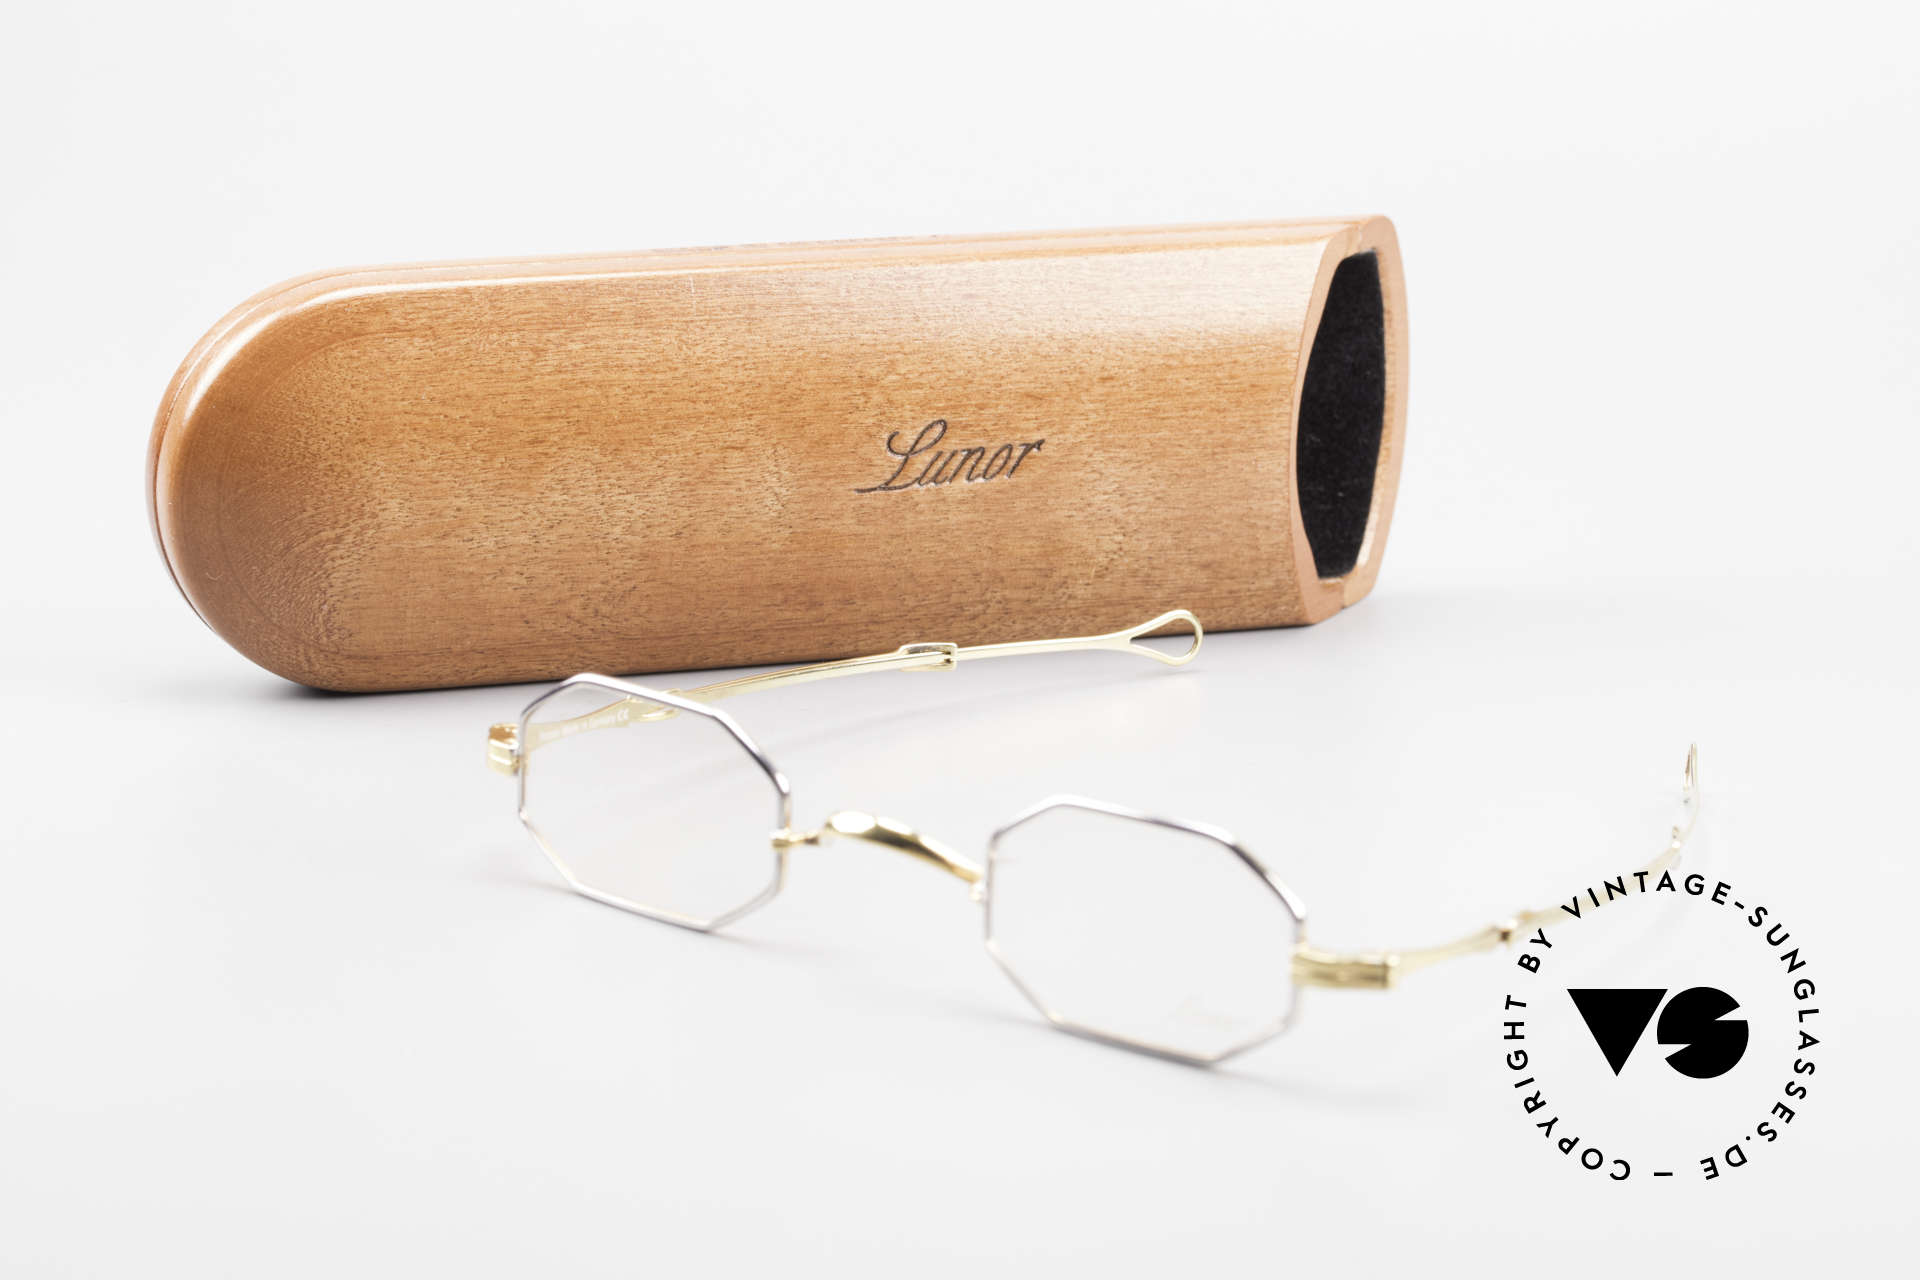 Lunor - Telescopic Ausziehbare Brille Achteckig, Größe: extra small, Passend für Herren und Damen